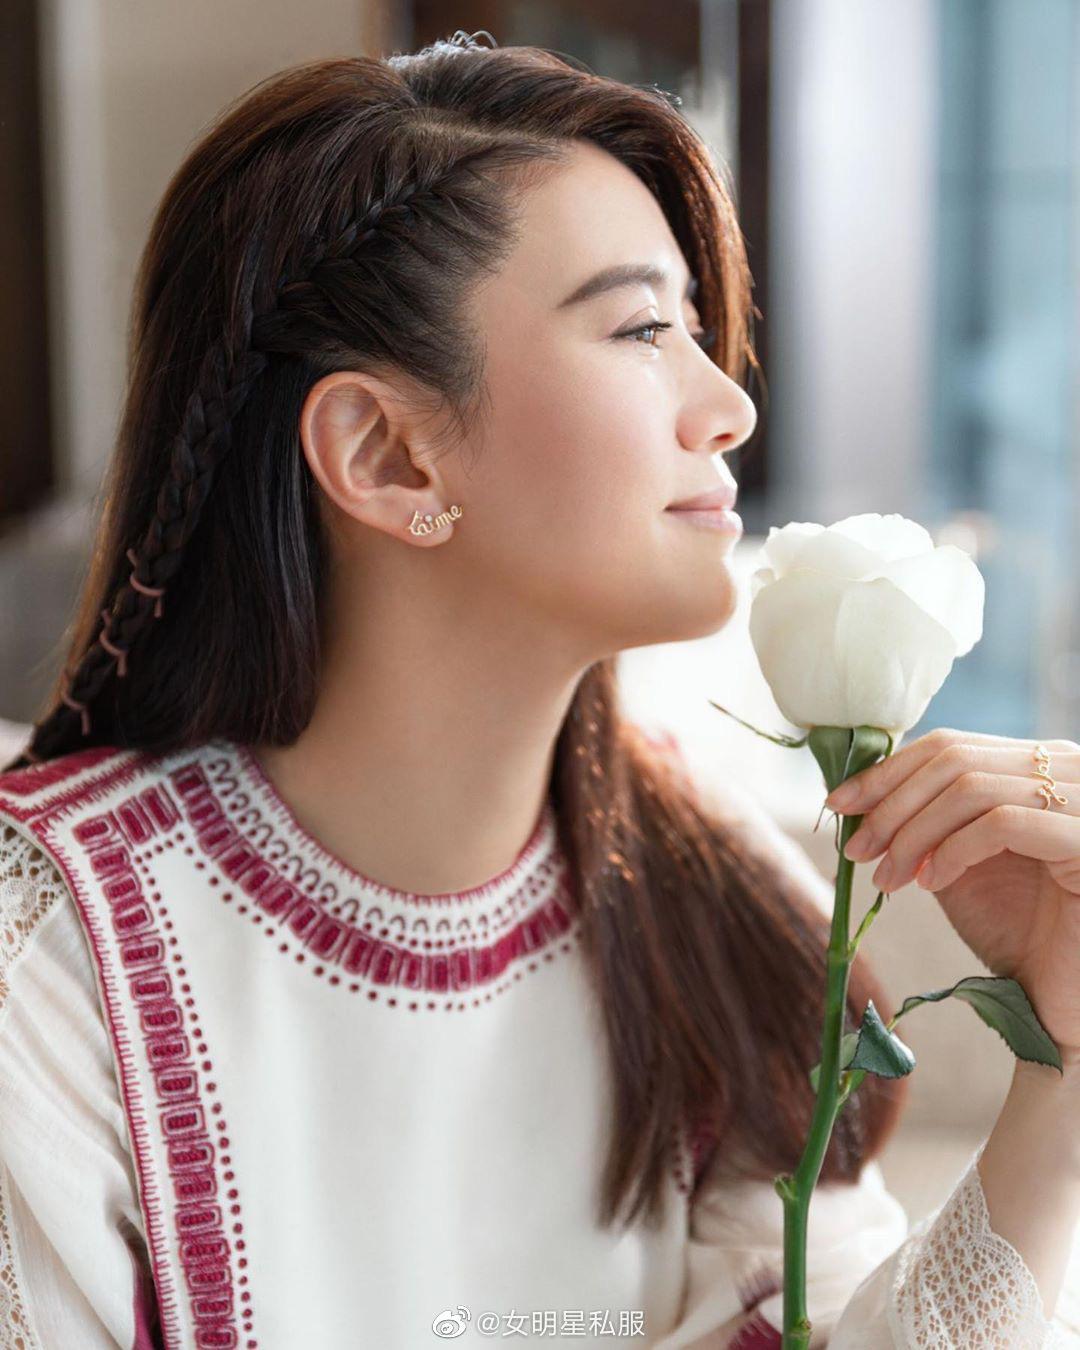 """Angela Baby cũng phải """"xin thua"""" Hoa hậu Hong Kong Viên Vịnh Nghi khi lệch gần 20 tuổi mà vẫn đẹp như tiên tử dù diện váy kín bưng - Ảnh 1."""